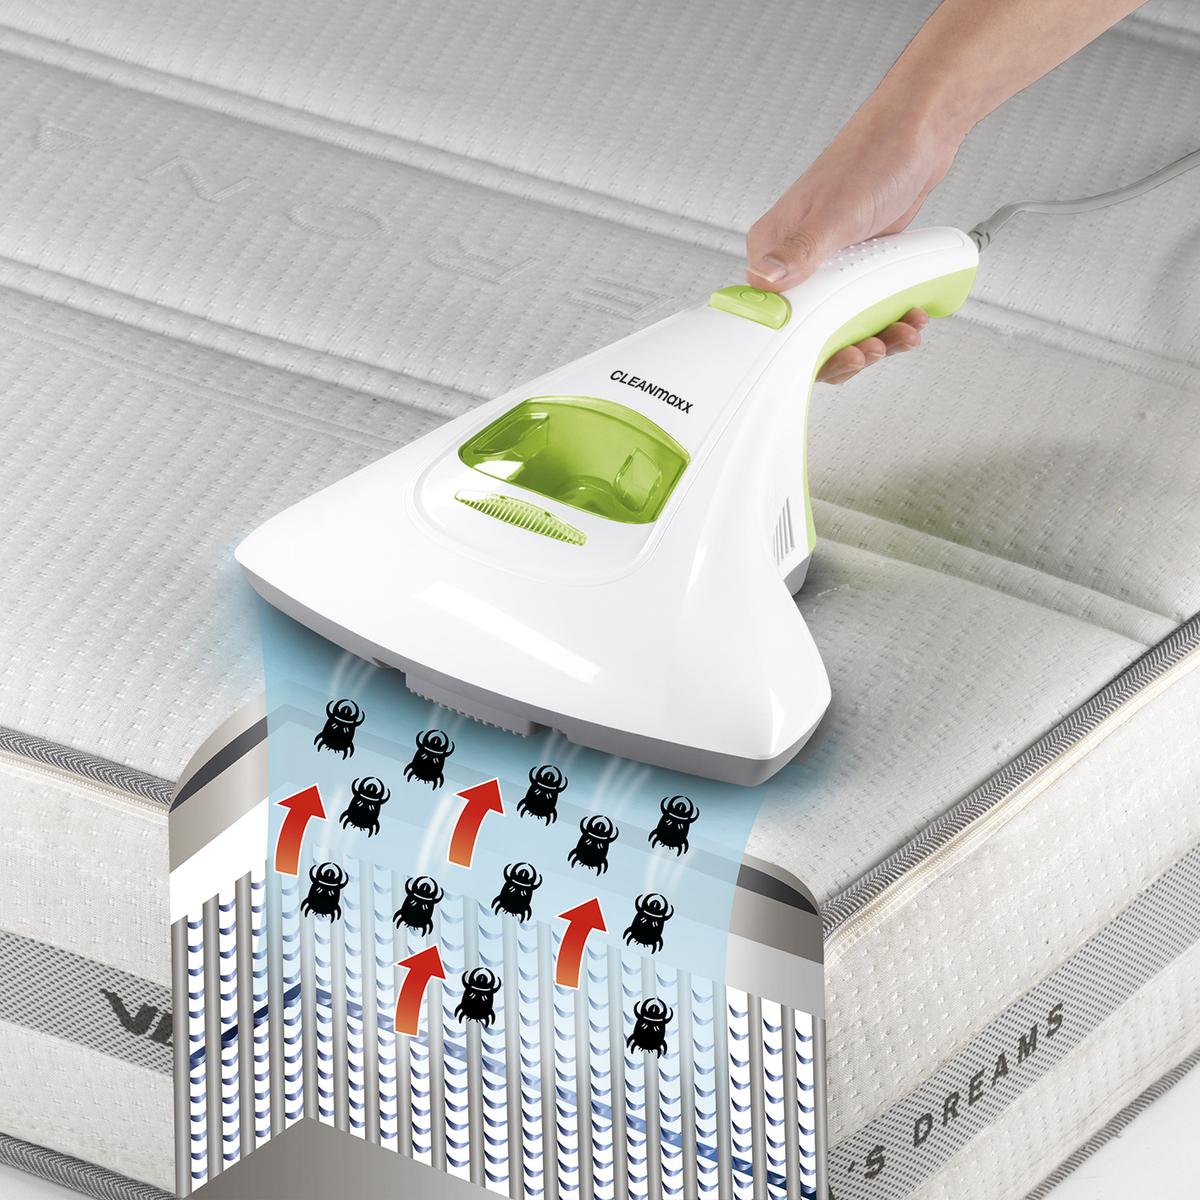 Bild 1 von CLEANmaxx Milben-Handstaubsauger mit UV-C-Licht 300W weiß/limegreen